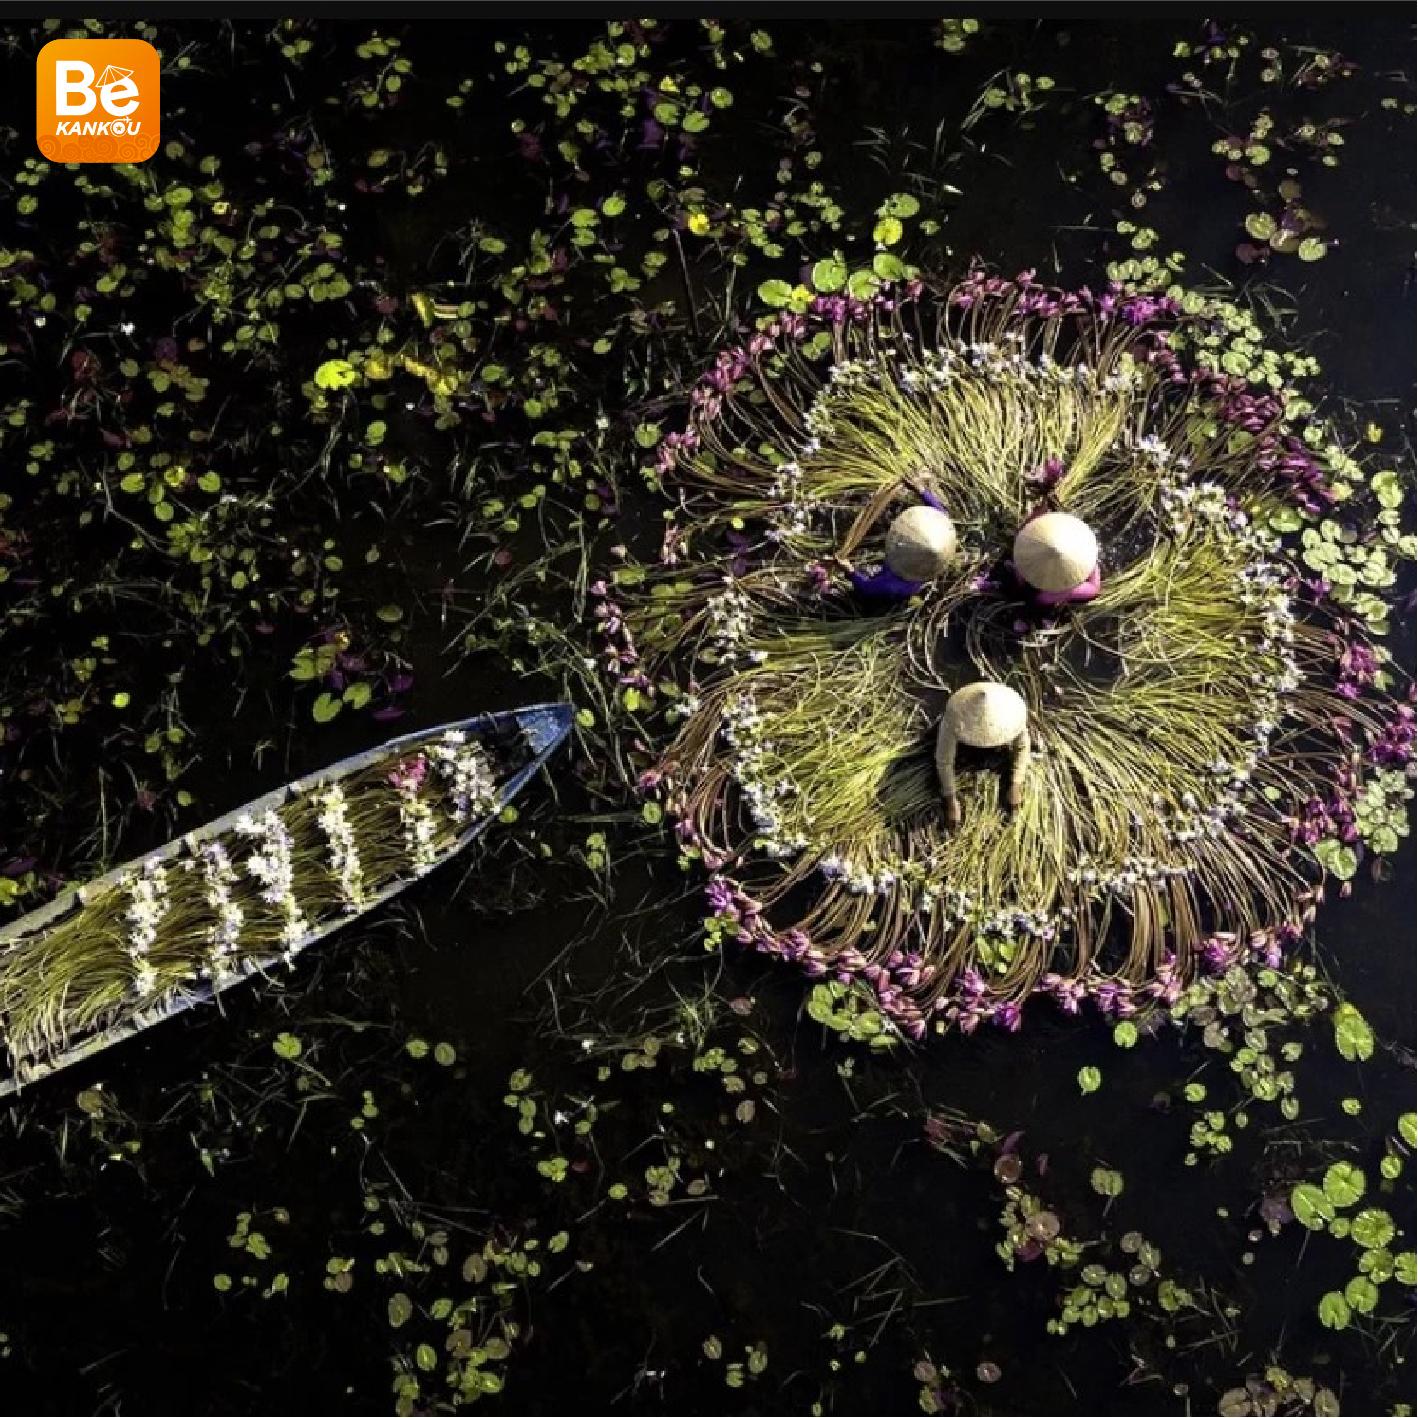 ロンアンの氾濫畑における睡蓮の季節-032